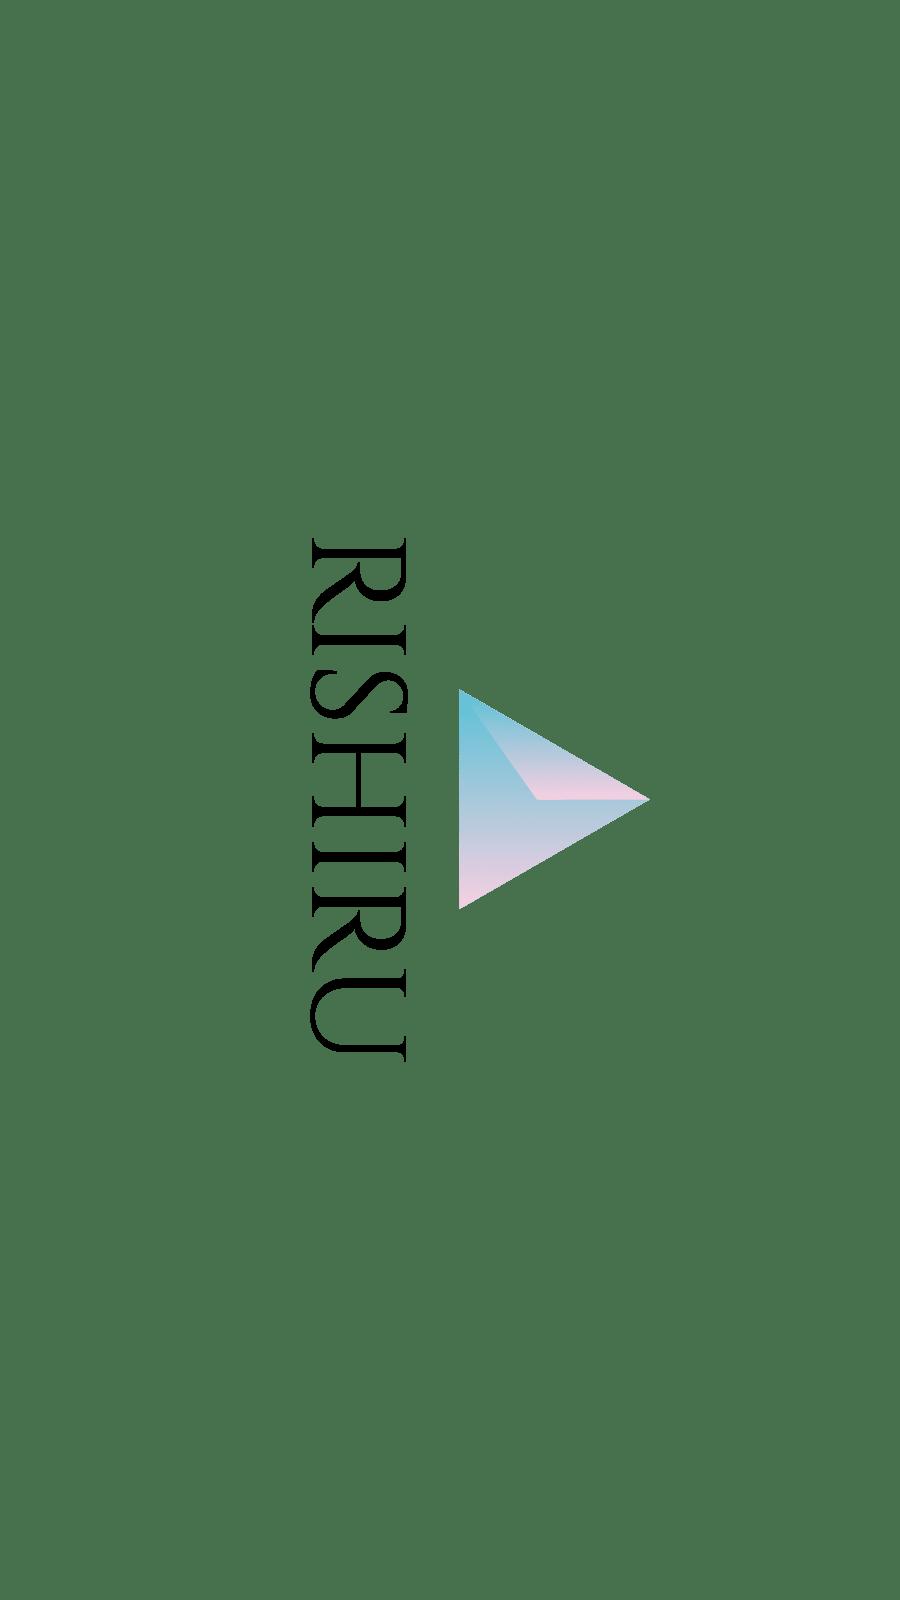 RISHIRU LOGO